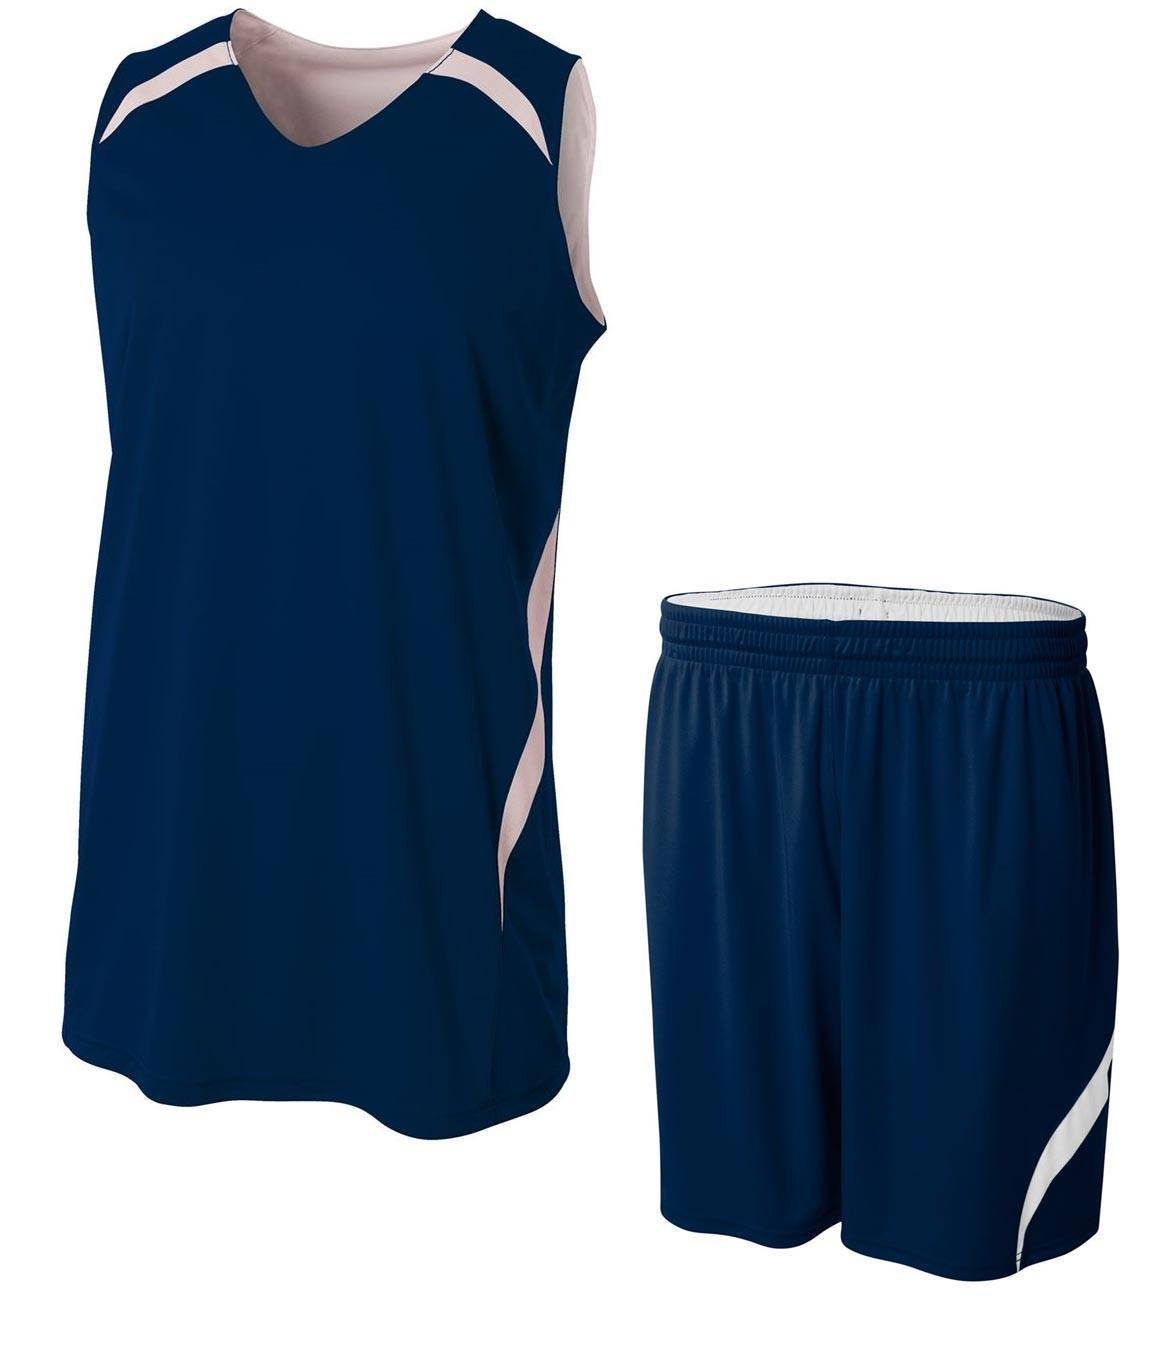 40ed2e8c1 A4 Adult Reversible Double Double Custom Basketball Uniform